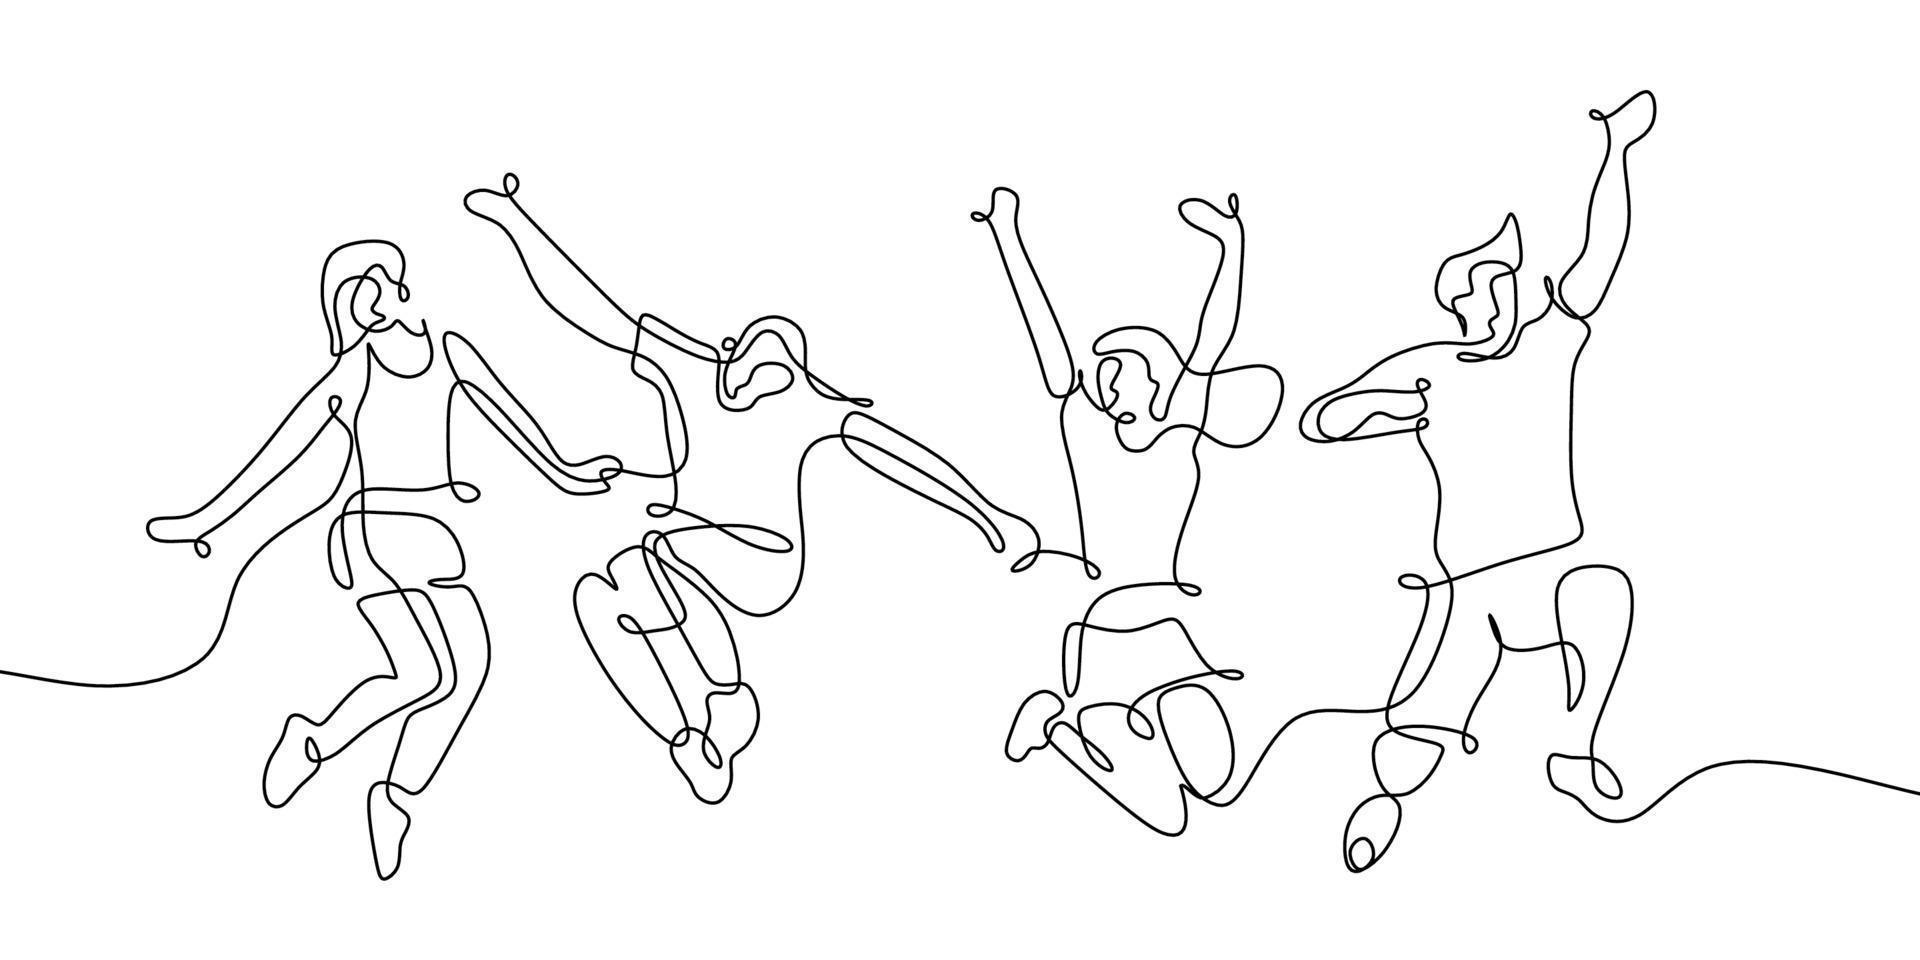 um único desenho de linha contínua de quatro membros da equipe adolescente feliz pulando isolados no fundo branco. vetor